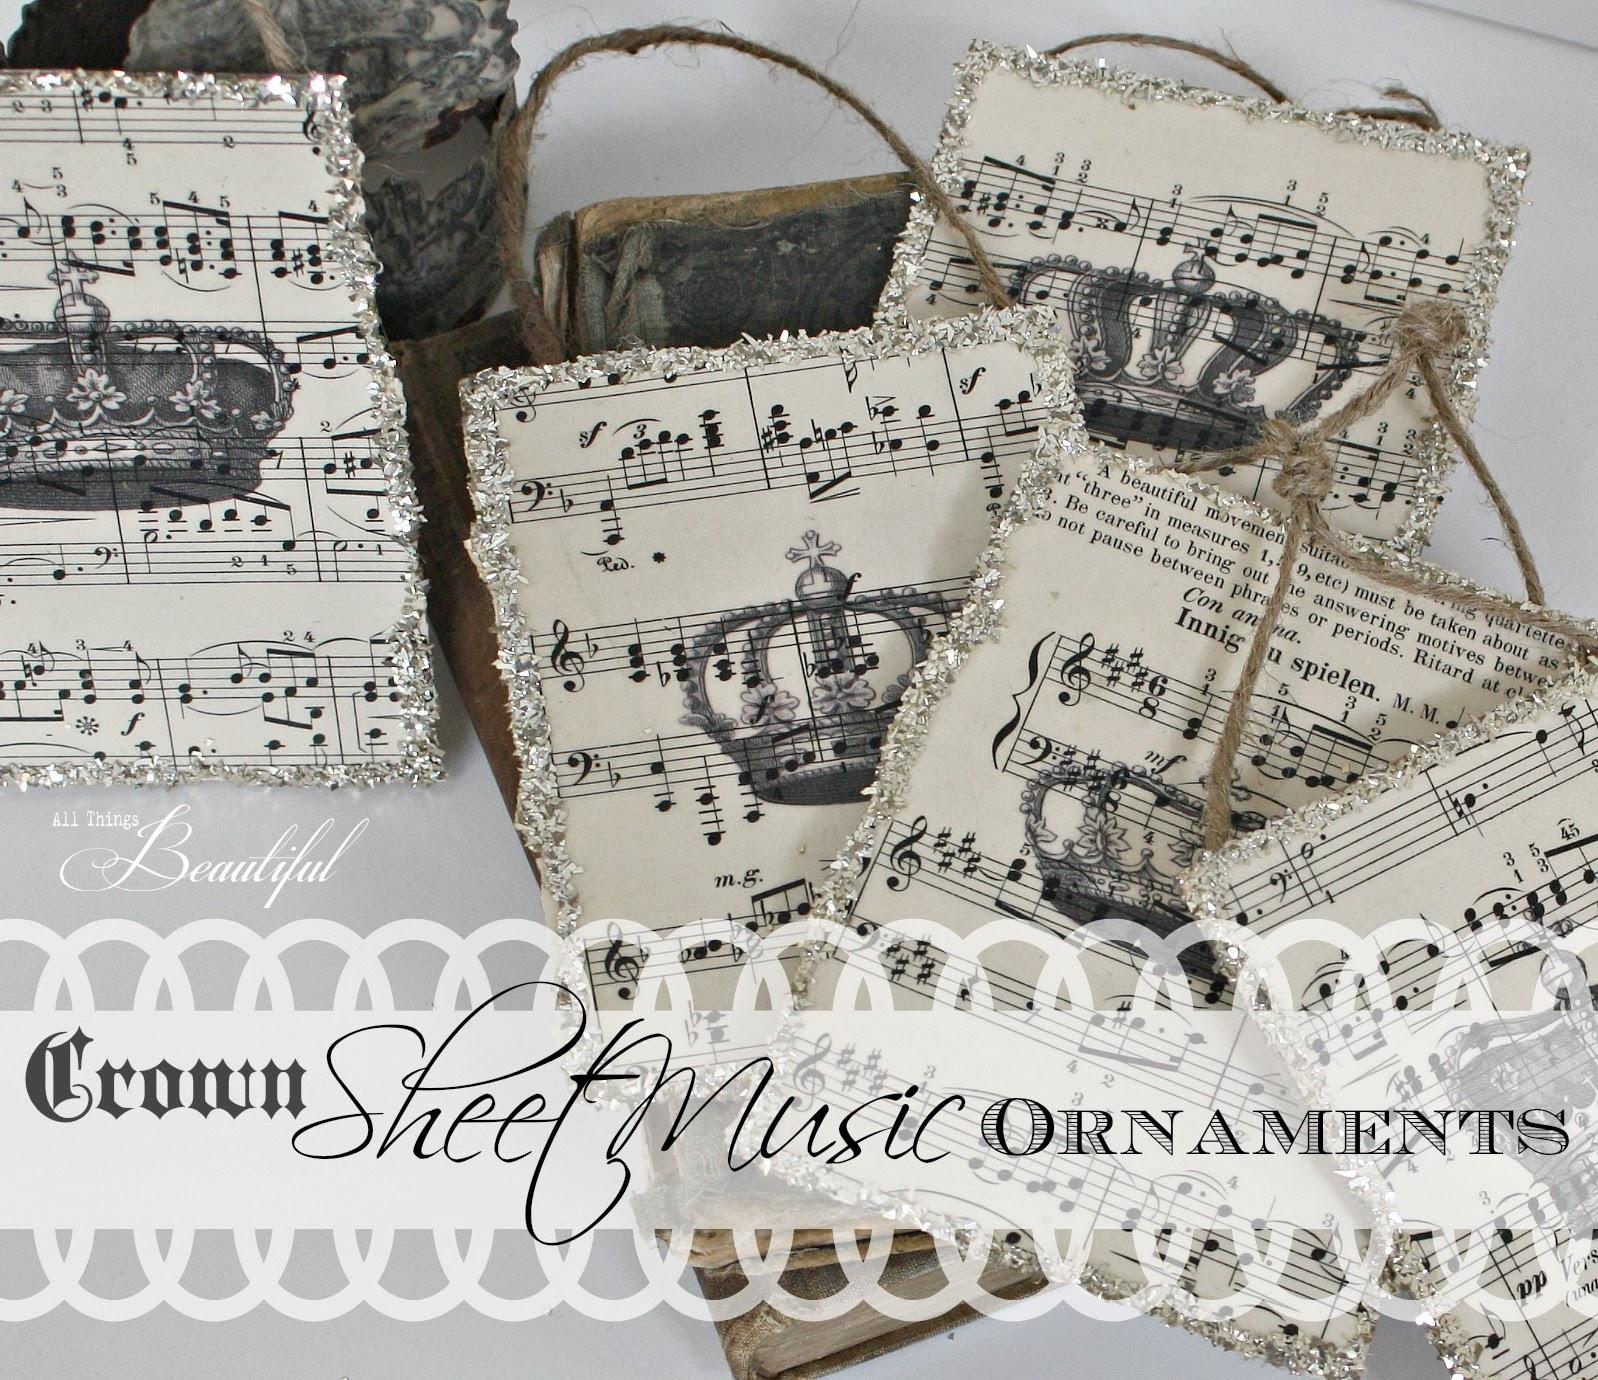 All Things Beautiful Diy Sheet Music Ornaments